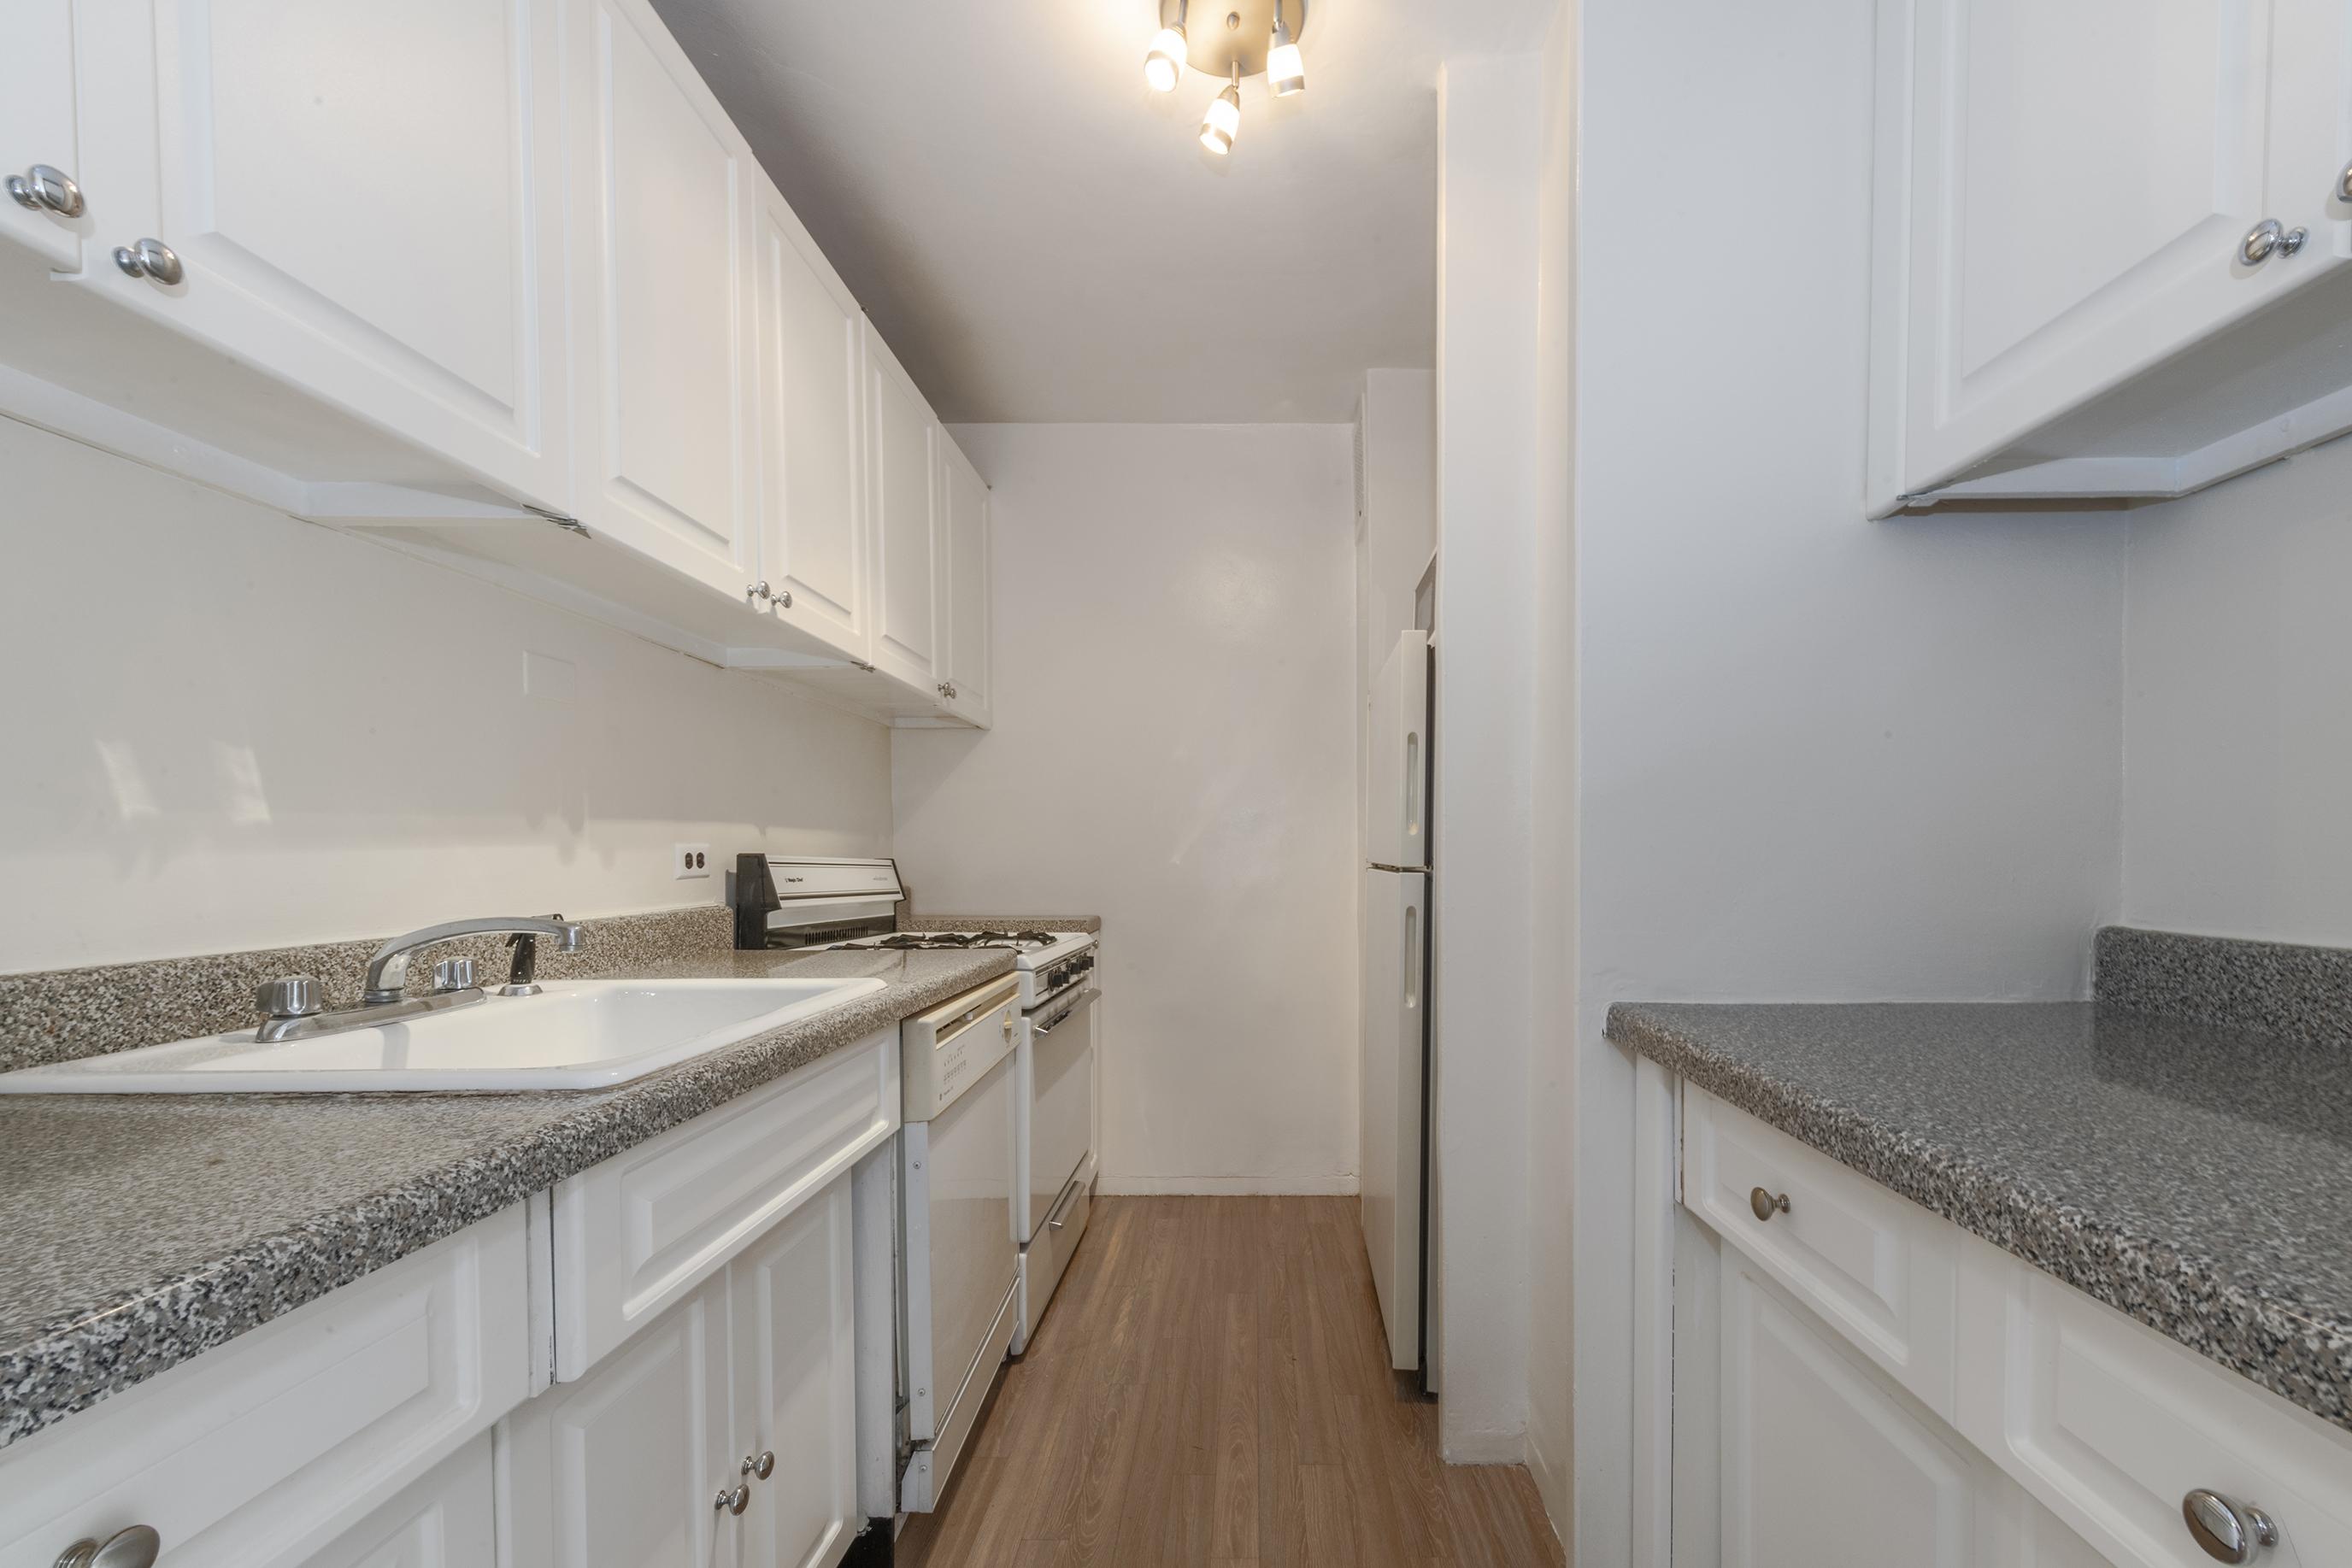 343 East 30th Street Kips Bay New York NY 10016